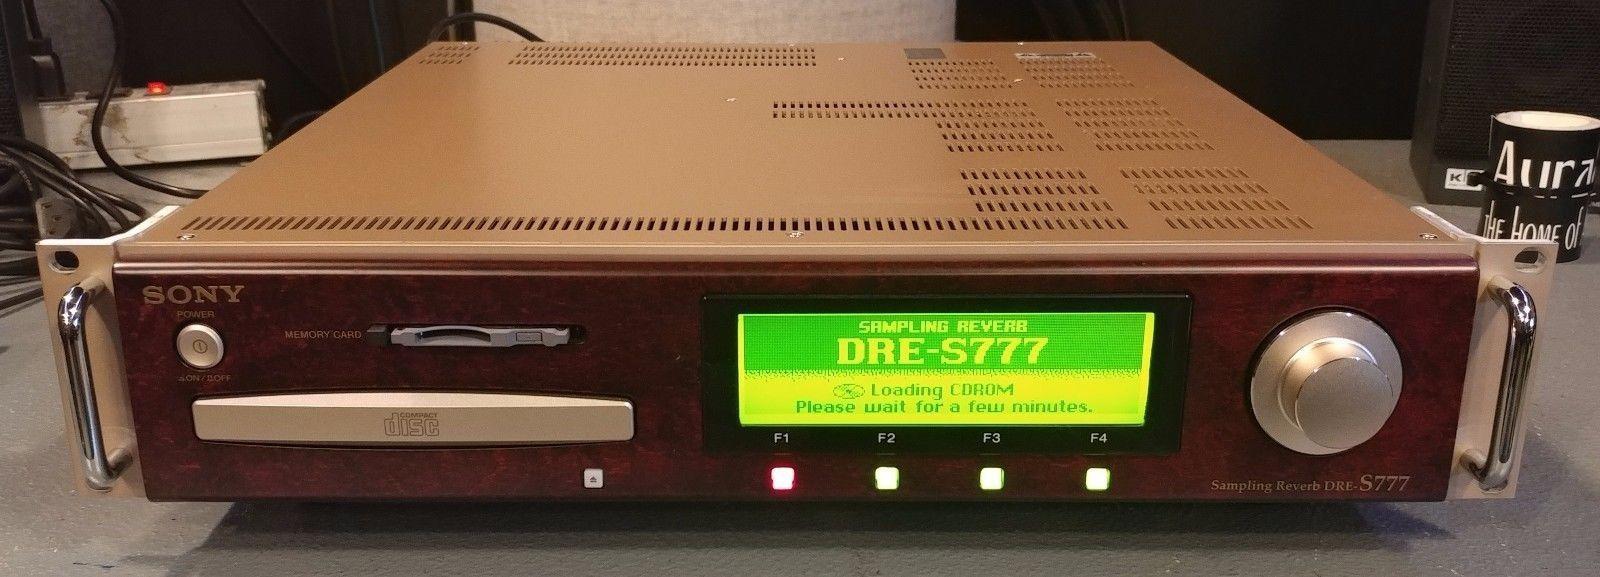 Sony DRE S777 riverbero strumenti musicali